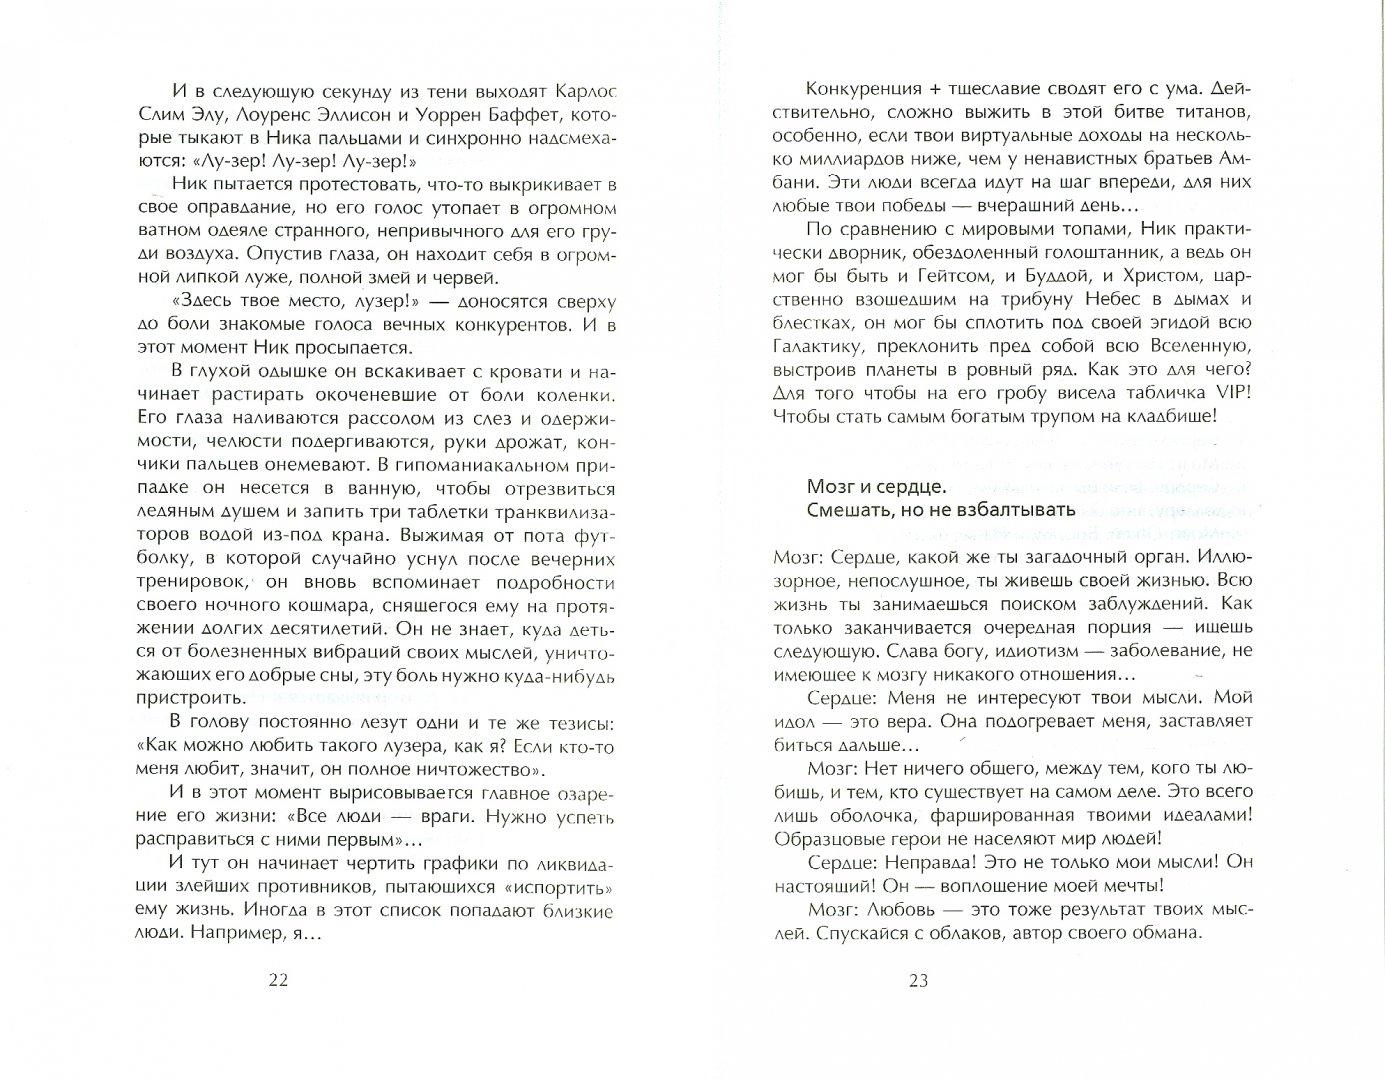 Иллюстрация 1 из 5 для Бисер - Яна Гривковская | Лабиринт - книги. Источник: Лабиринт